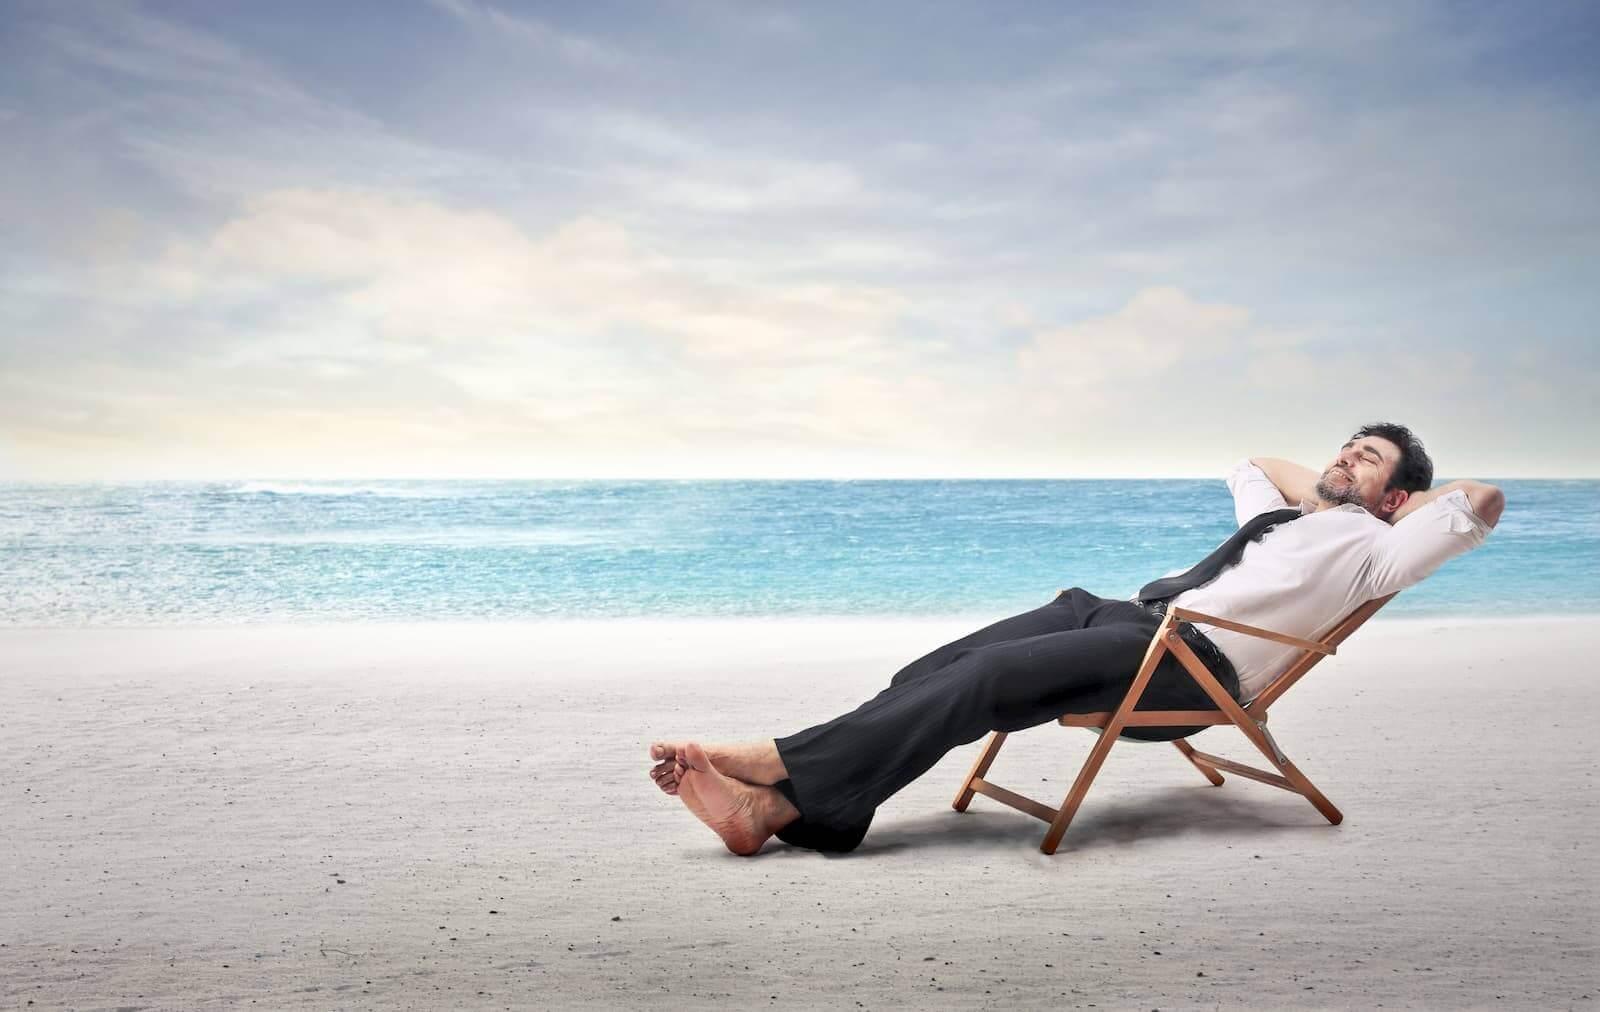 der gewinner bei sandstrandseo kann sich am strand ausruhen